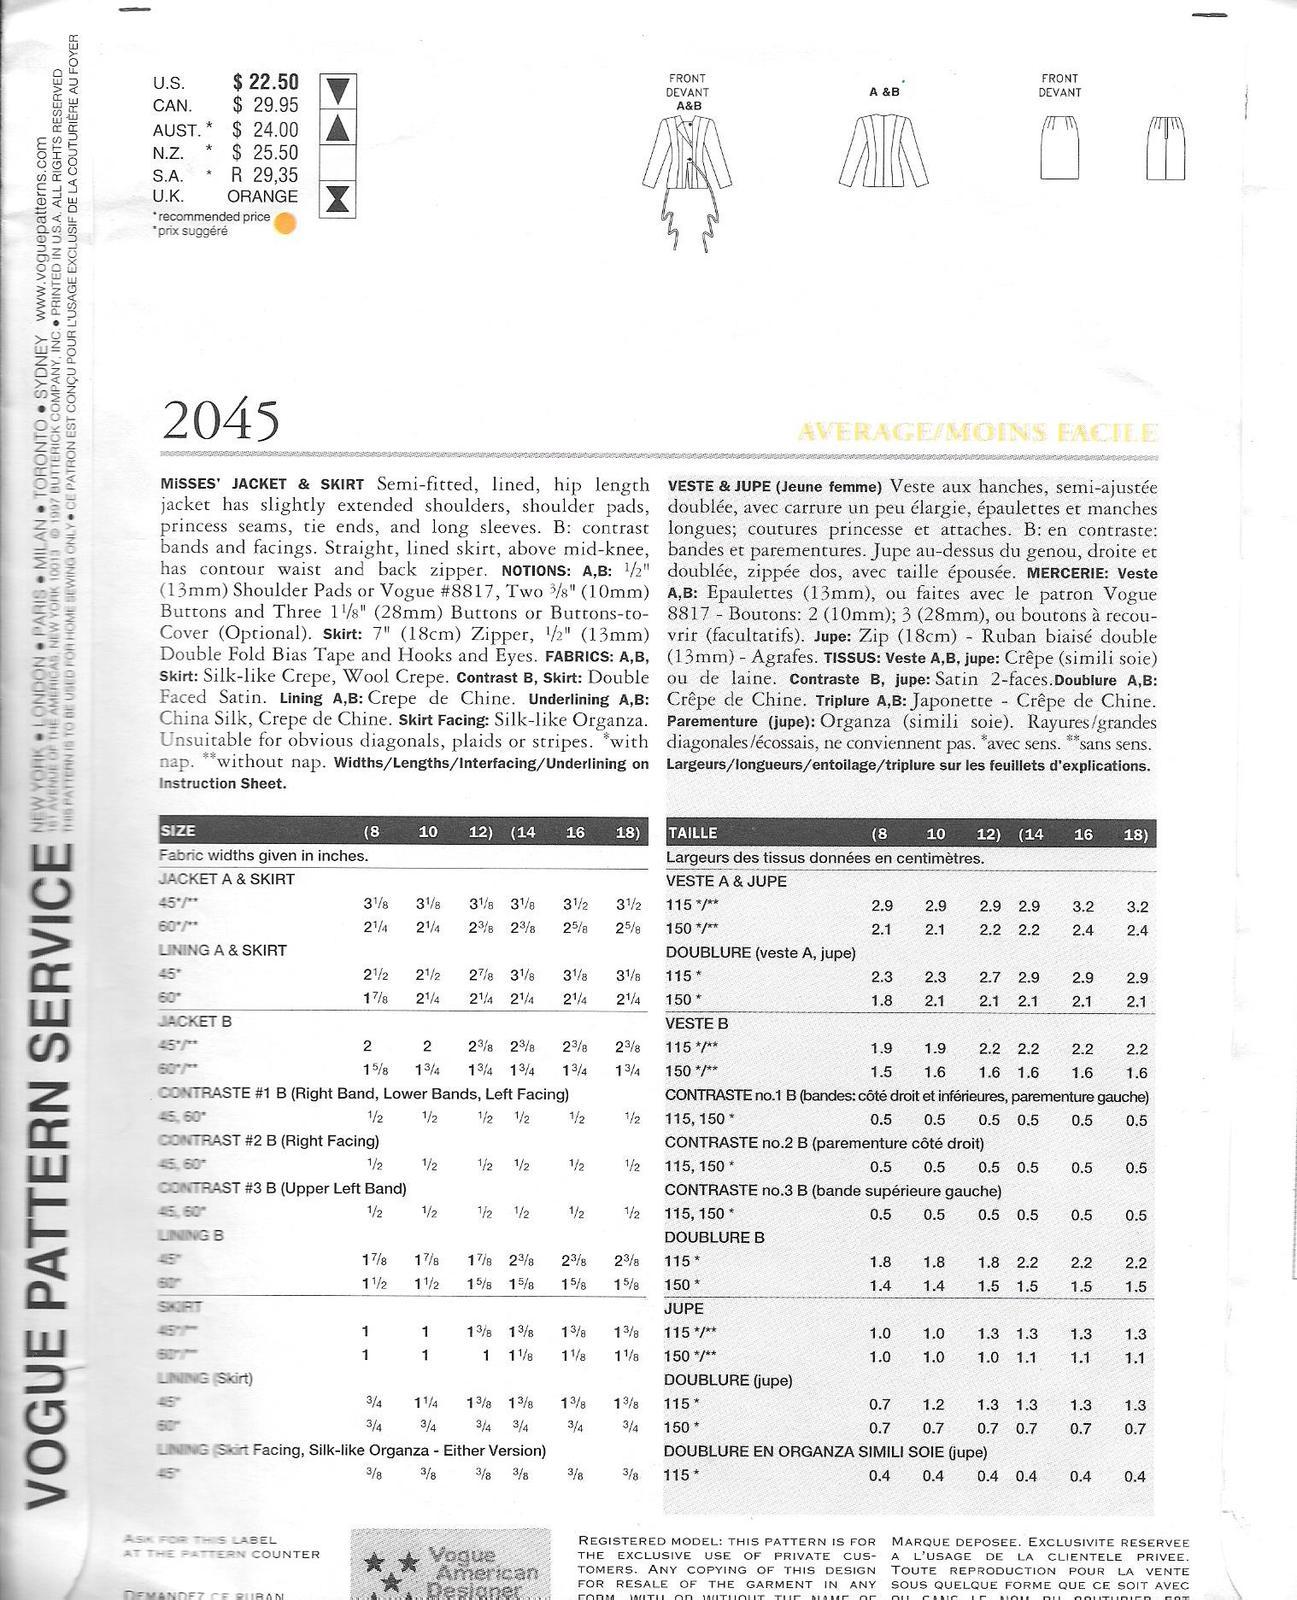 Vogue 2045 Pattern 14 16 18 Geoffrey Beene Jacket Skirt vintage couture